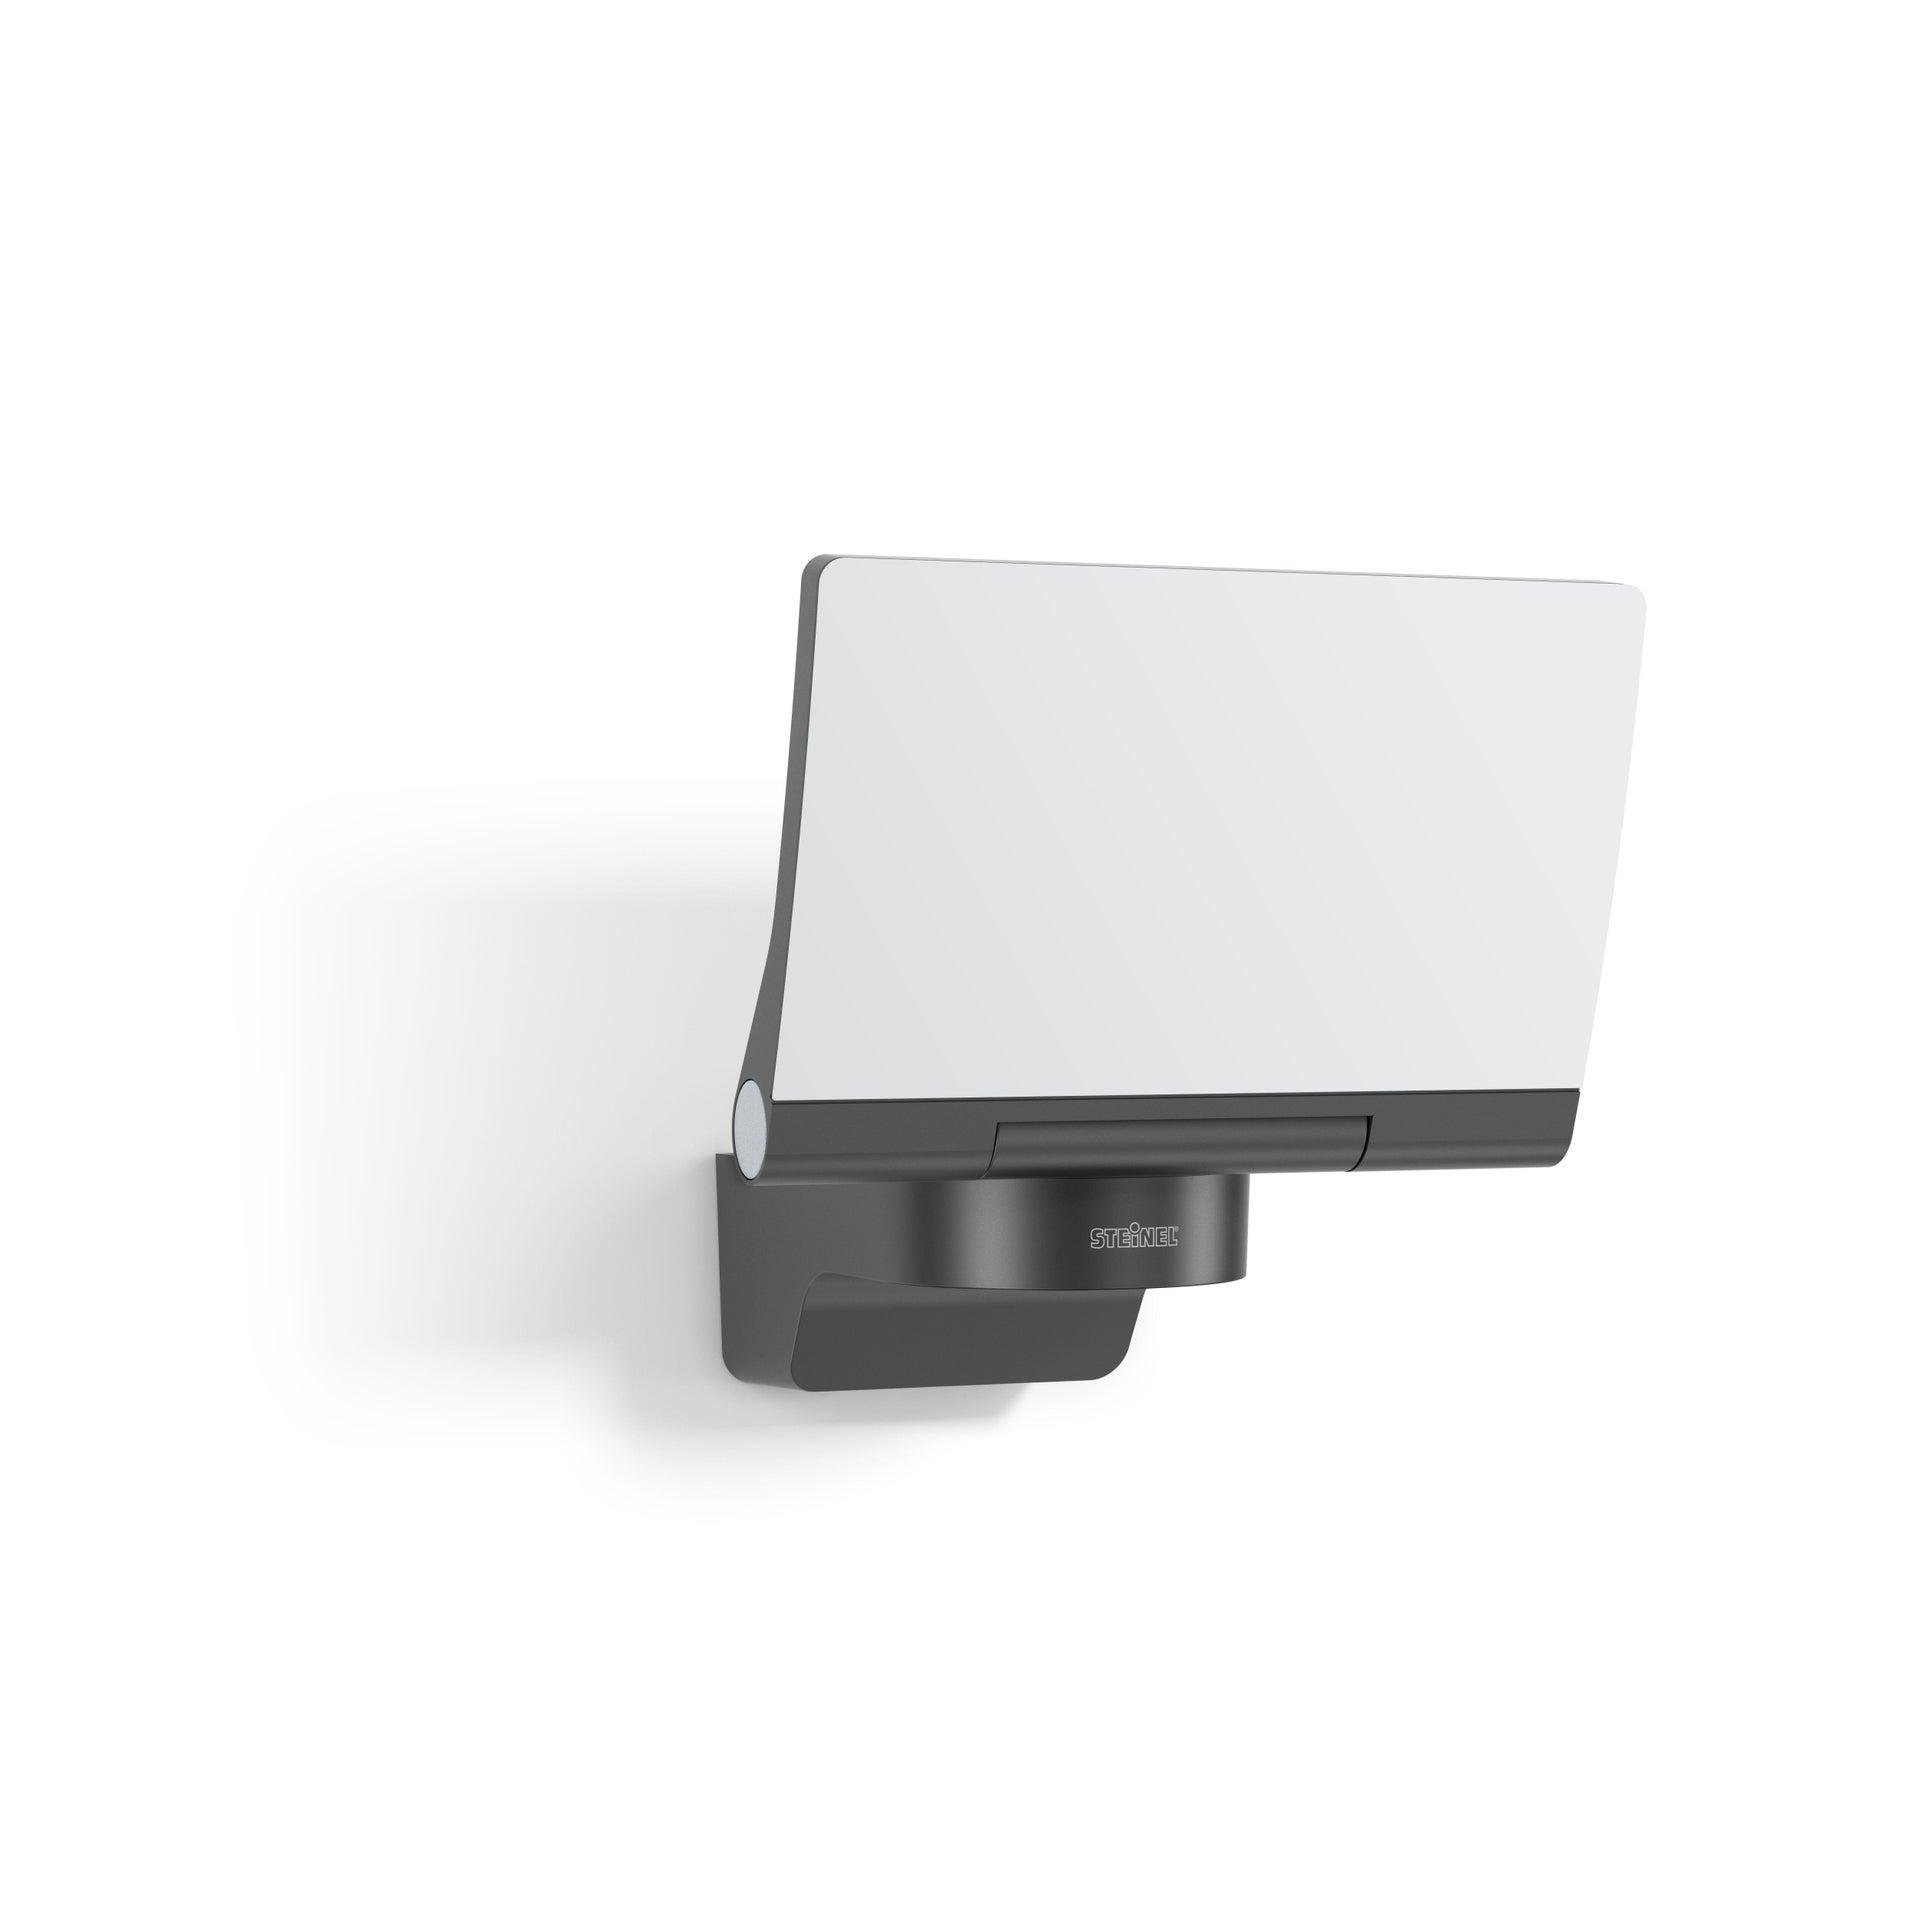 Proiettore LED integrato Xled home 2 sl in plastica, nero, 13W 1184LM IP44 STEINEL - 4